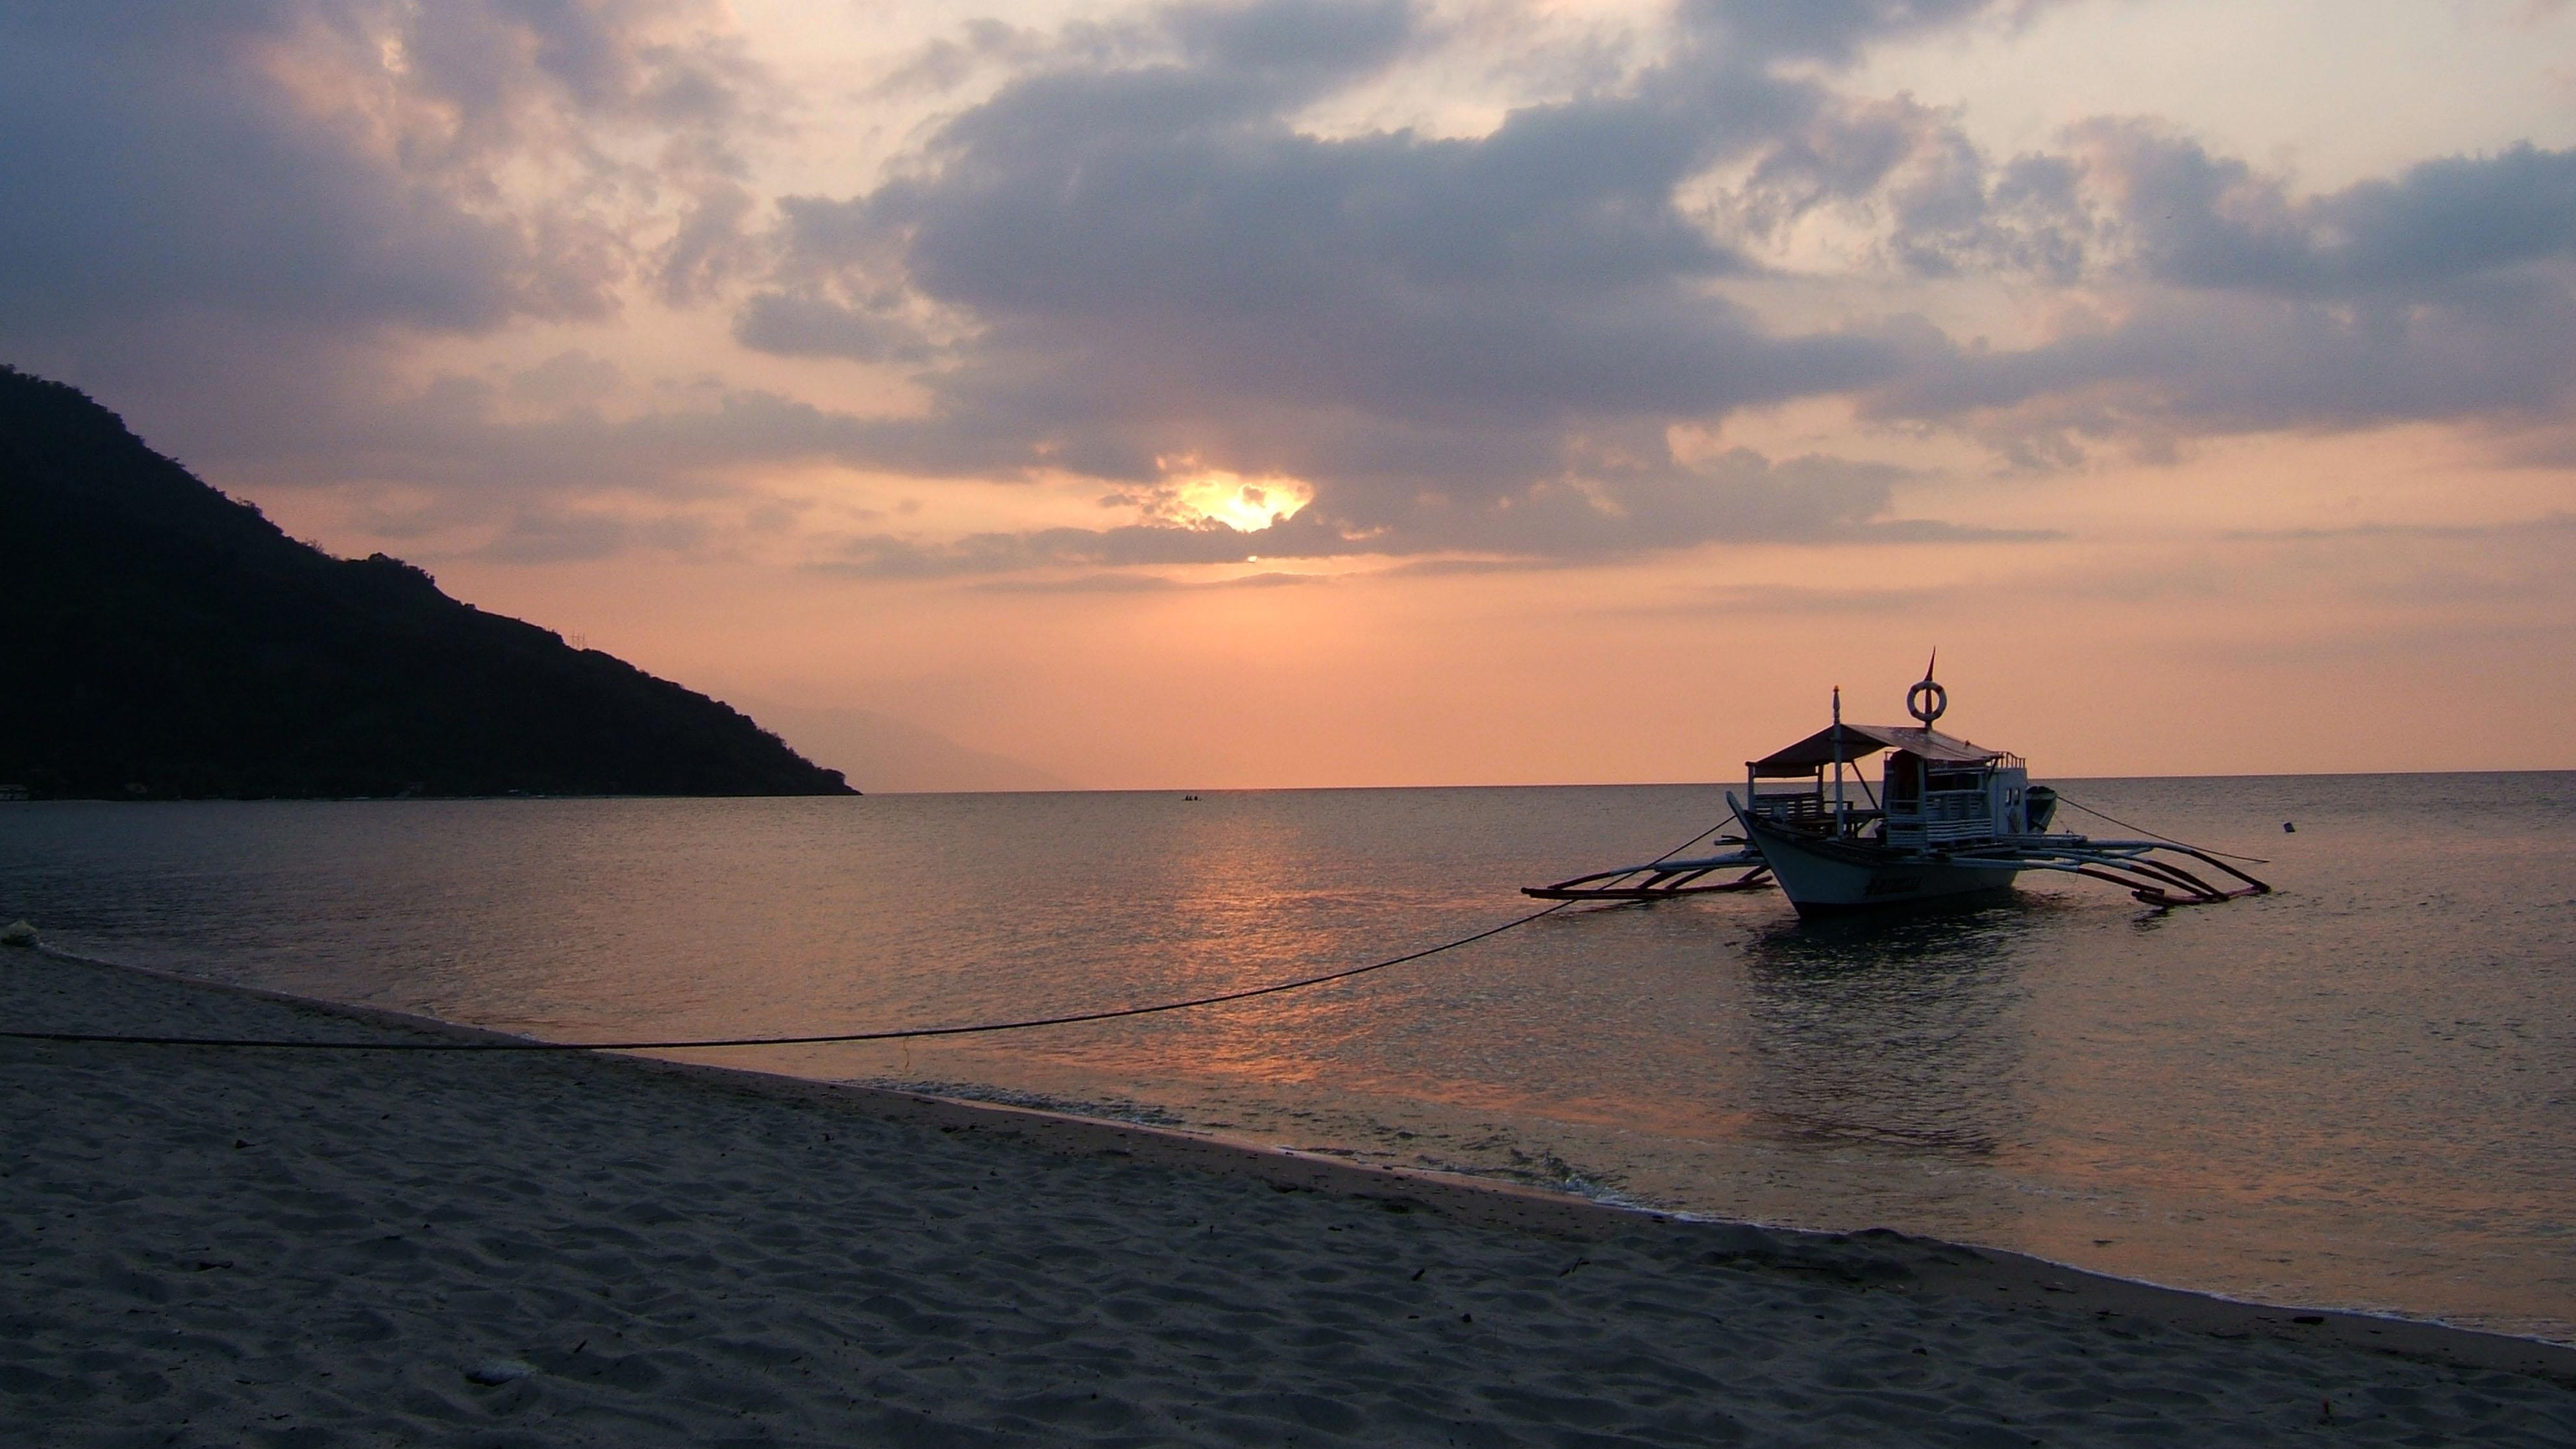 Sunset Philippines Mindoro White Beach 01